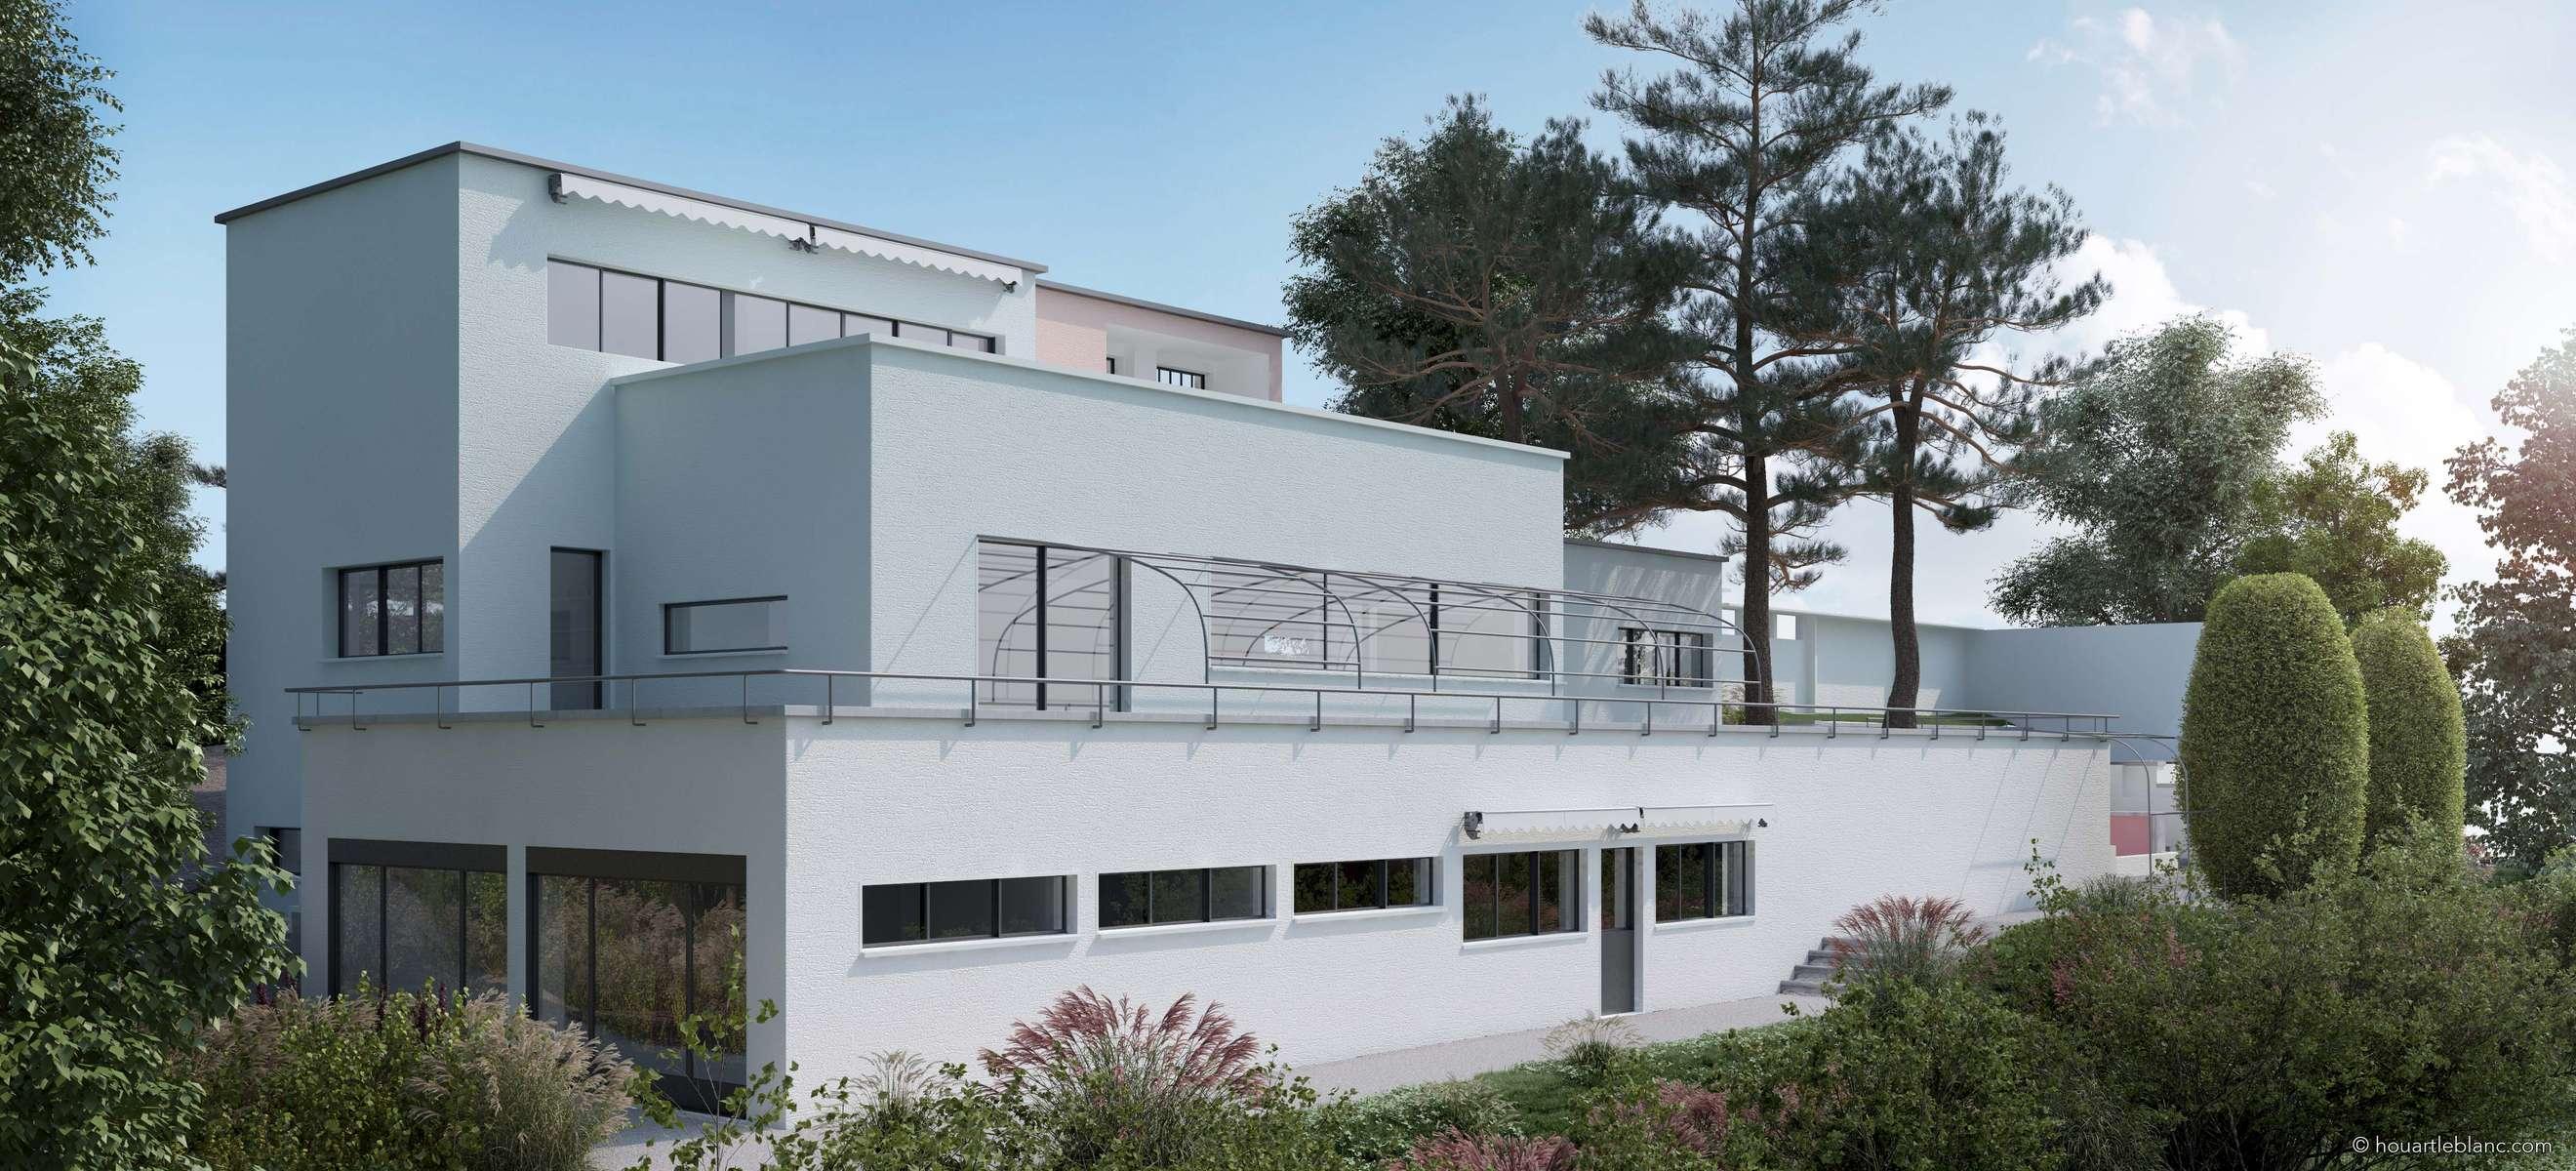 (ris+partenaires 2017 en cours)Projet: Rénovation et transformation d'une villaGenève - SuisseSurface:286 m2Chef de projet:Antoine RisMandat: Projet et rénovation